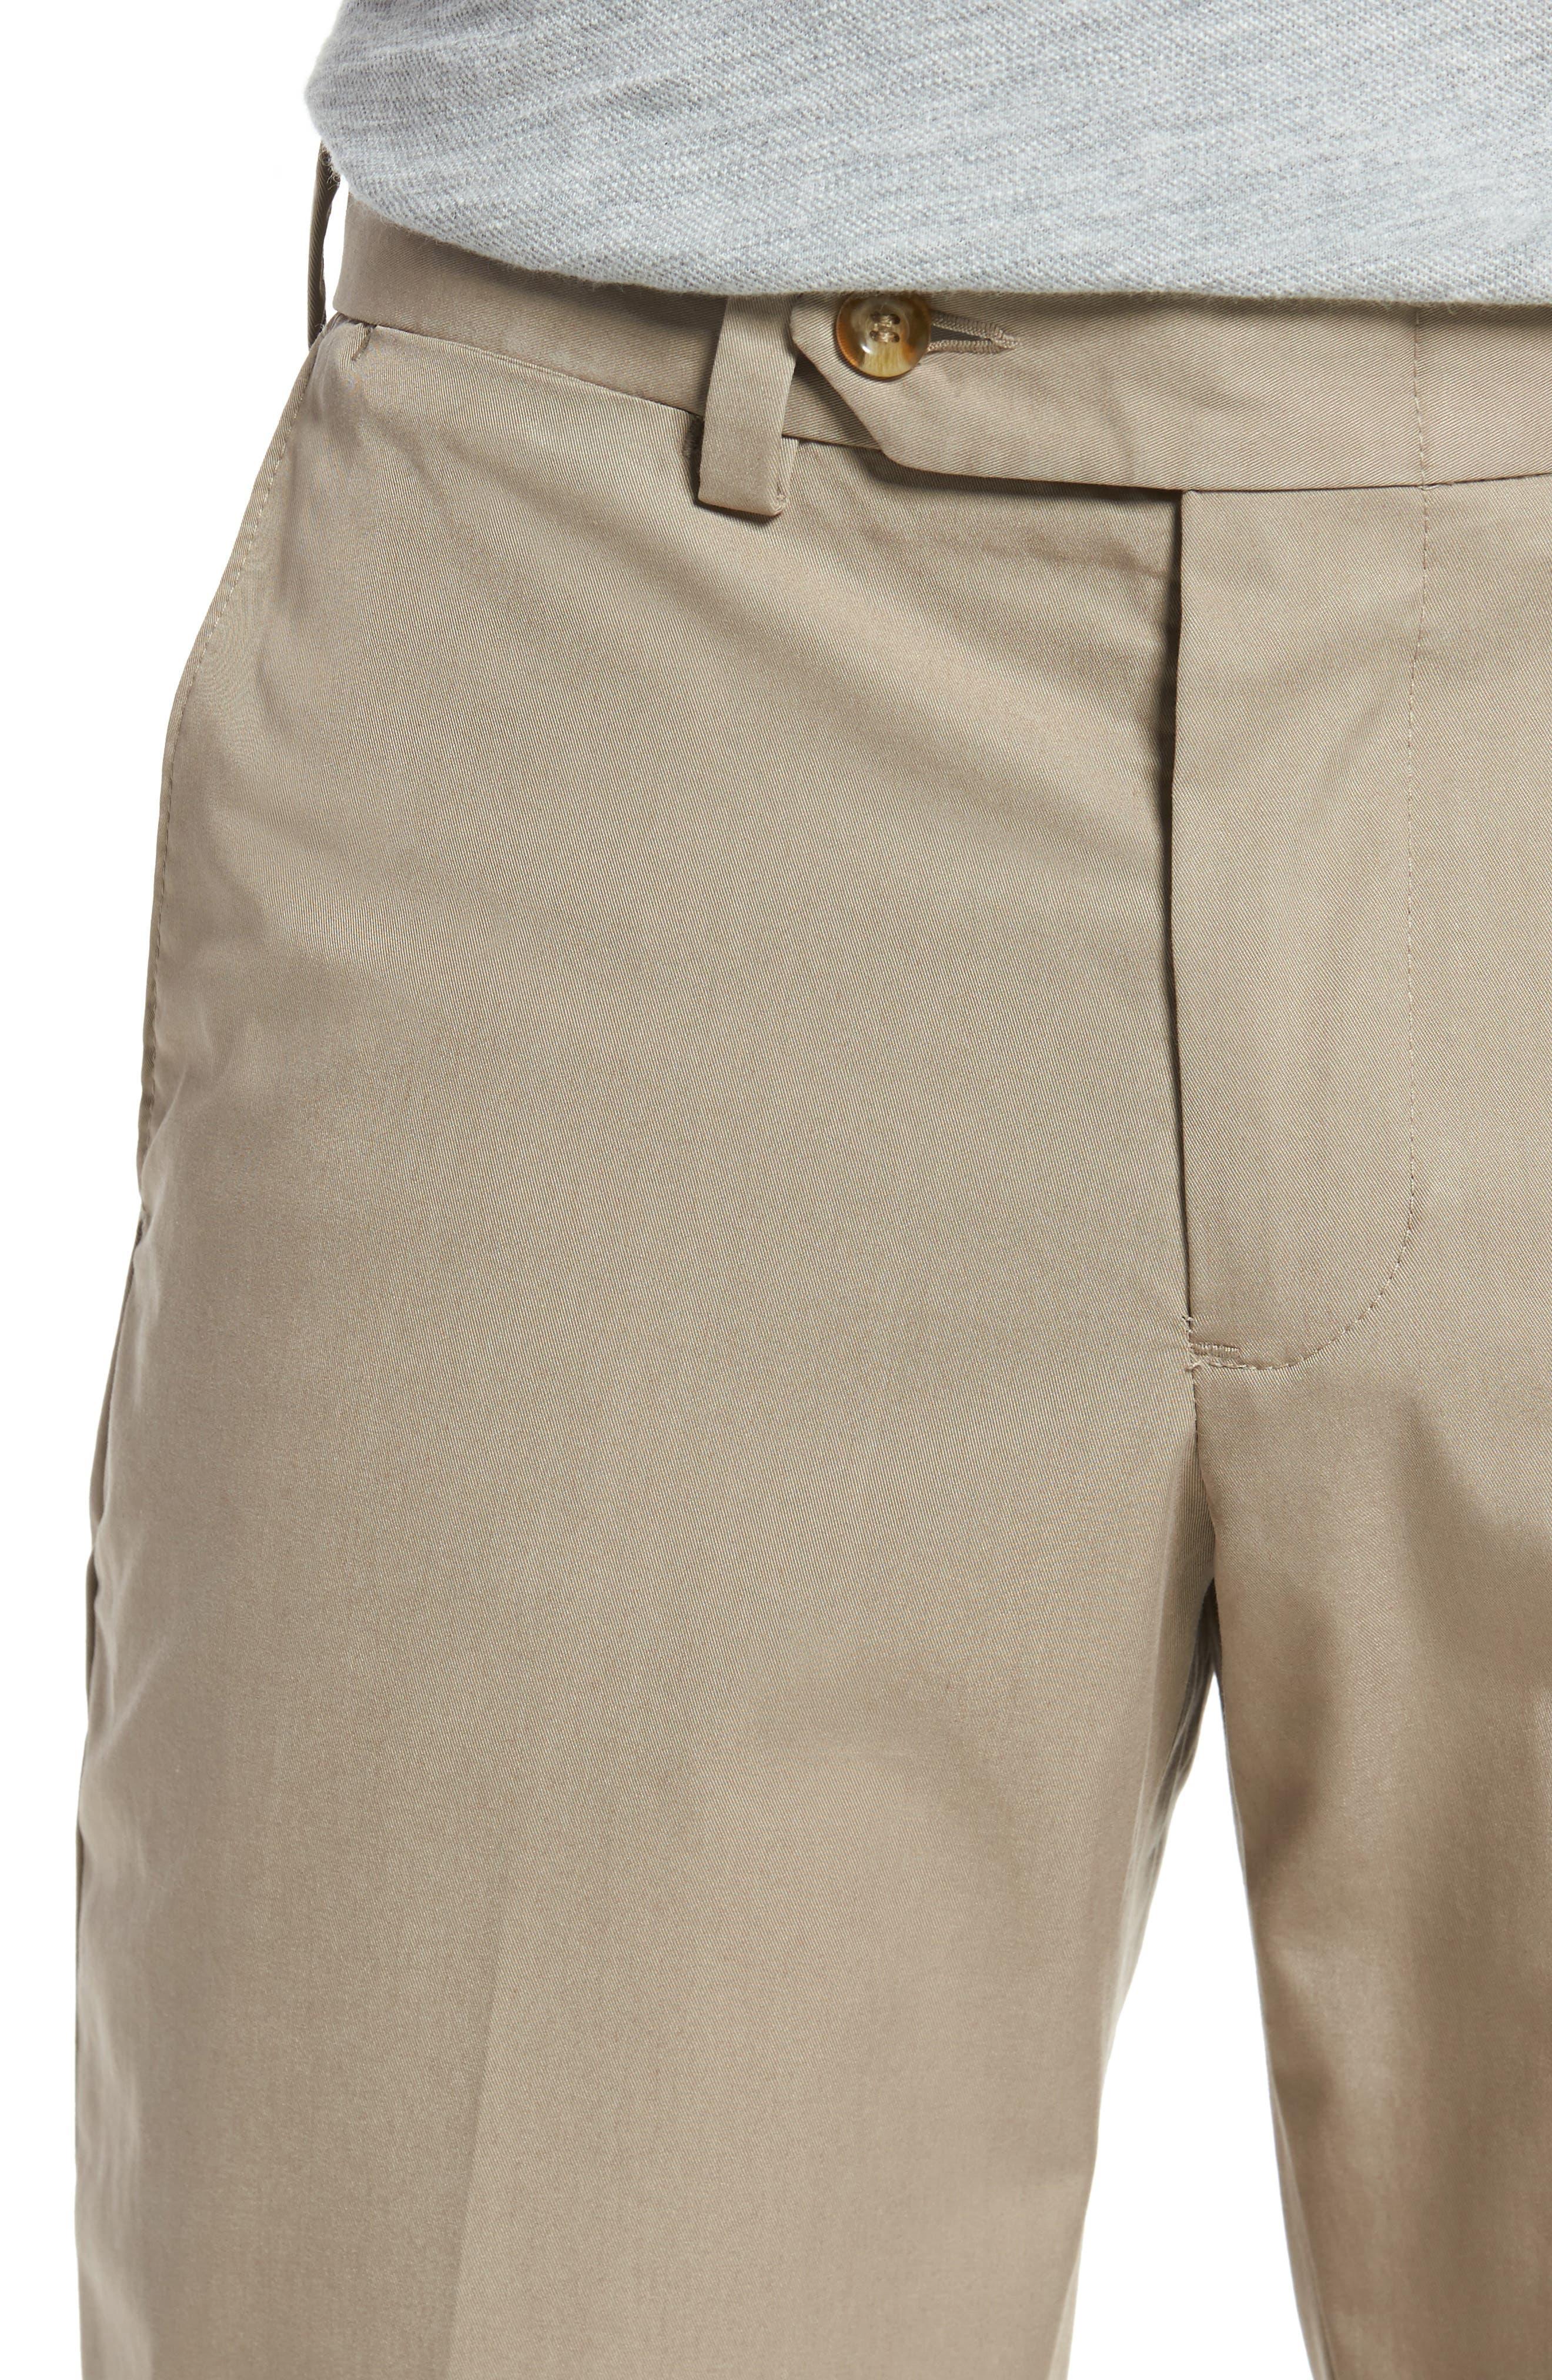 Straight Fit Travel Twill Pants,                             Alternate thumbnail 4, color,                             KHAKI